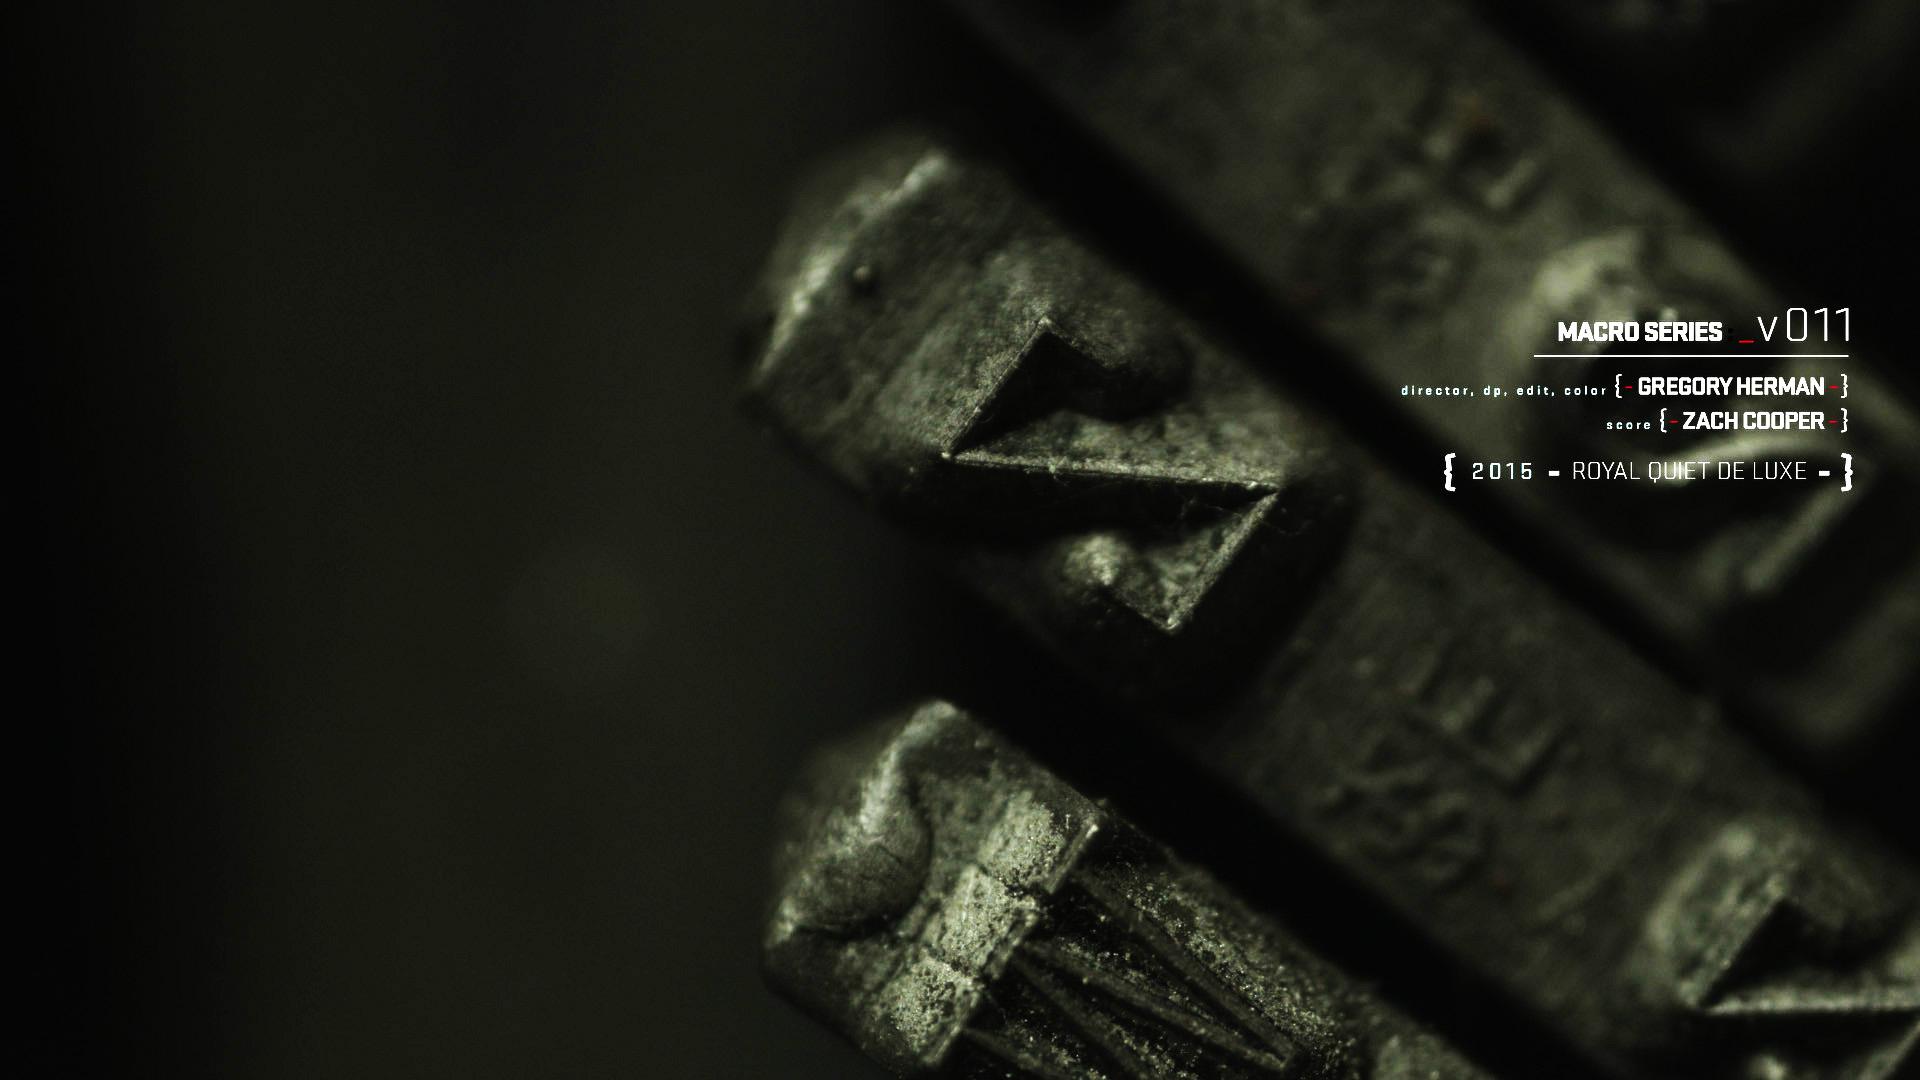 Macro_v10_typewriter_v002.jpg